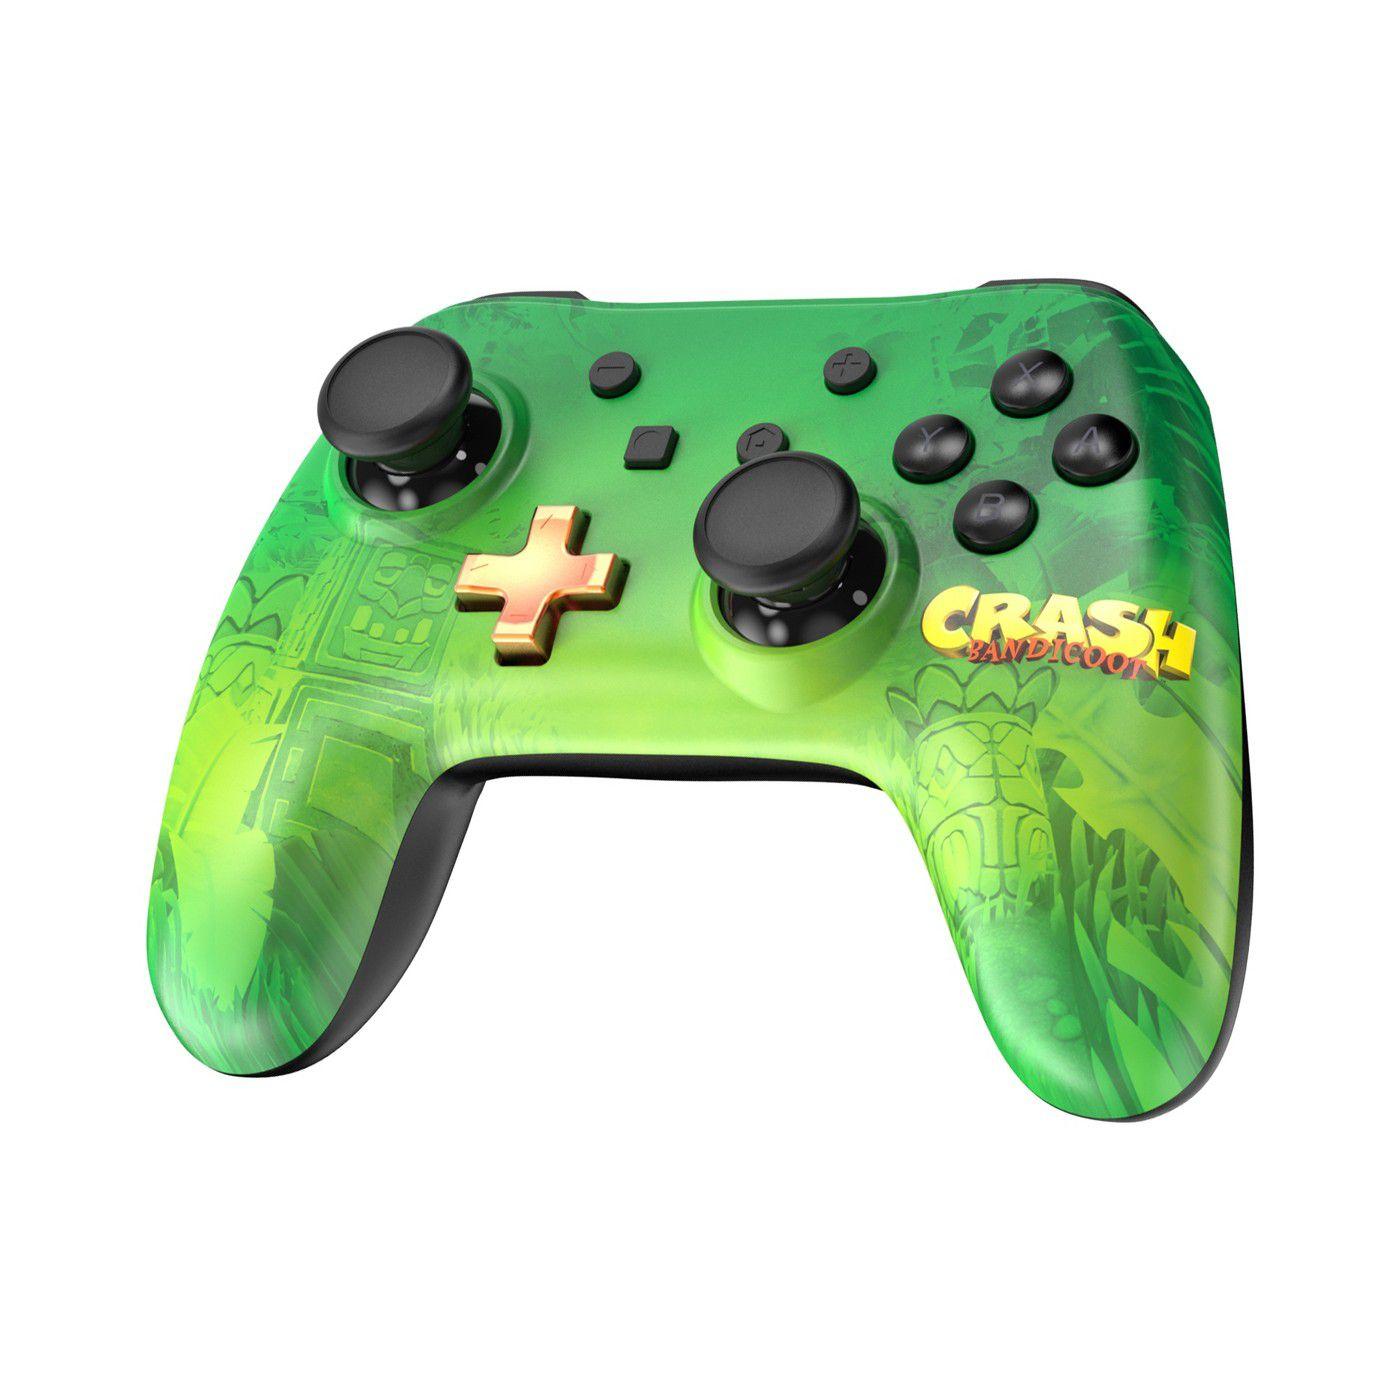 Controle pro para nintendo Switch com jogo Crash Bandicoot n'sane trigoly